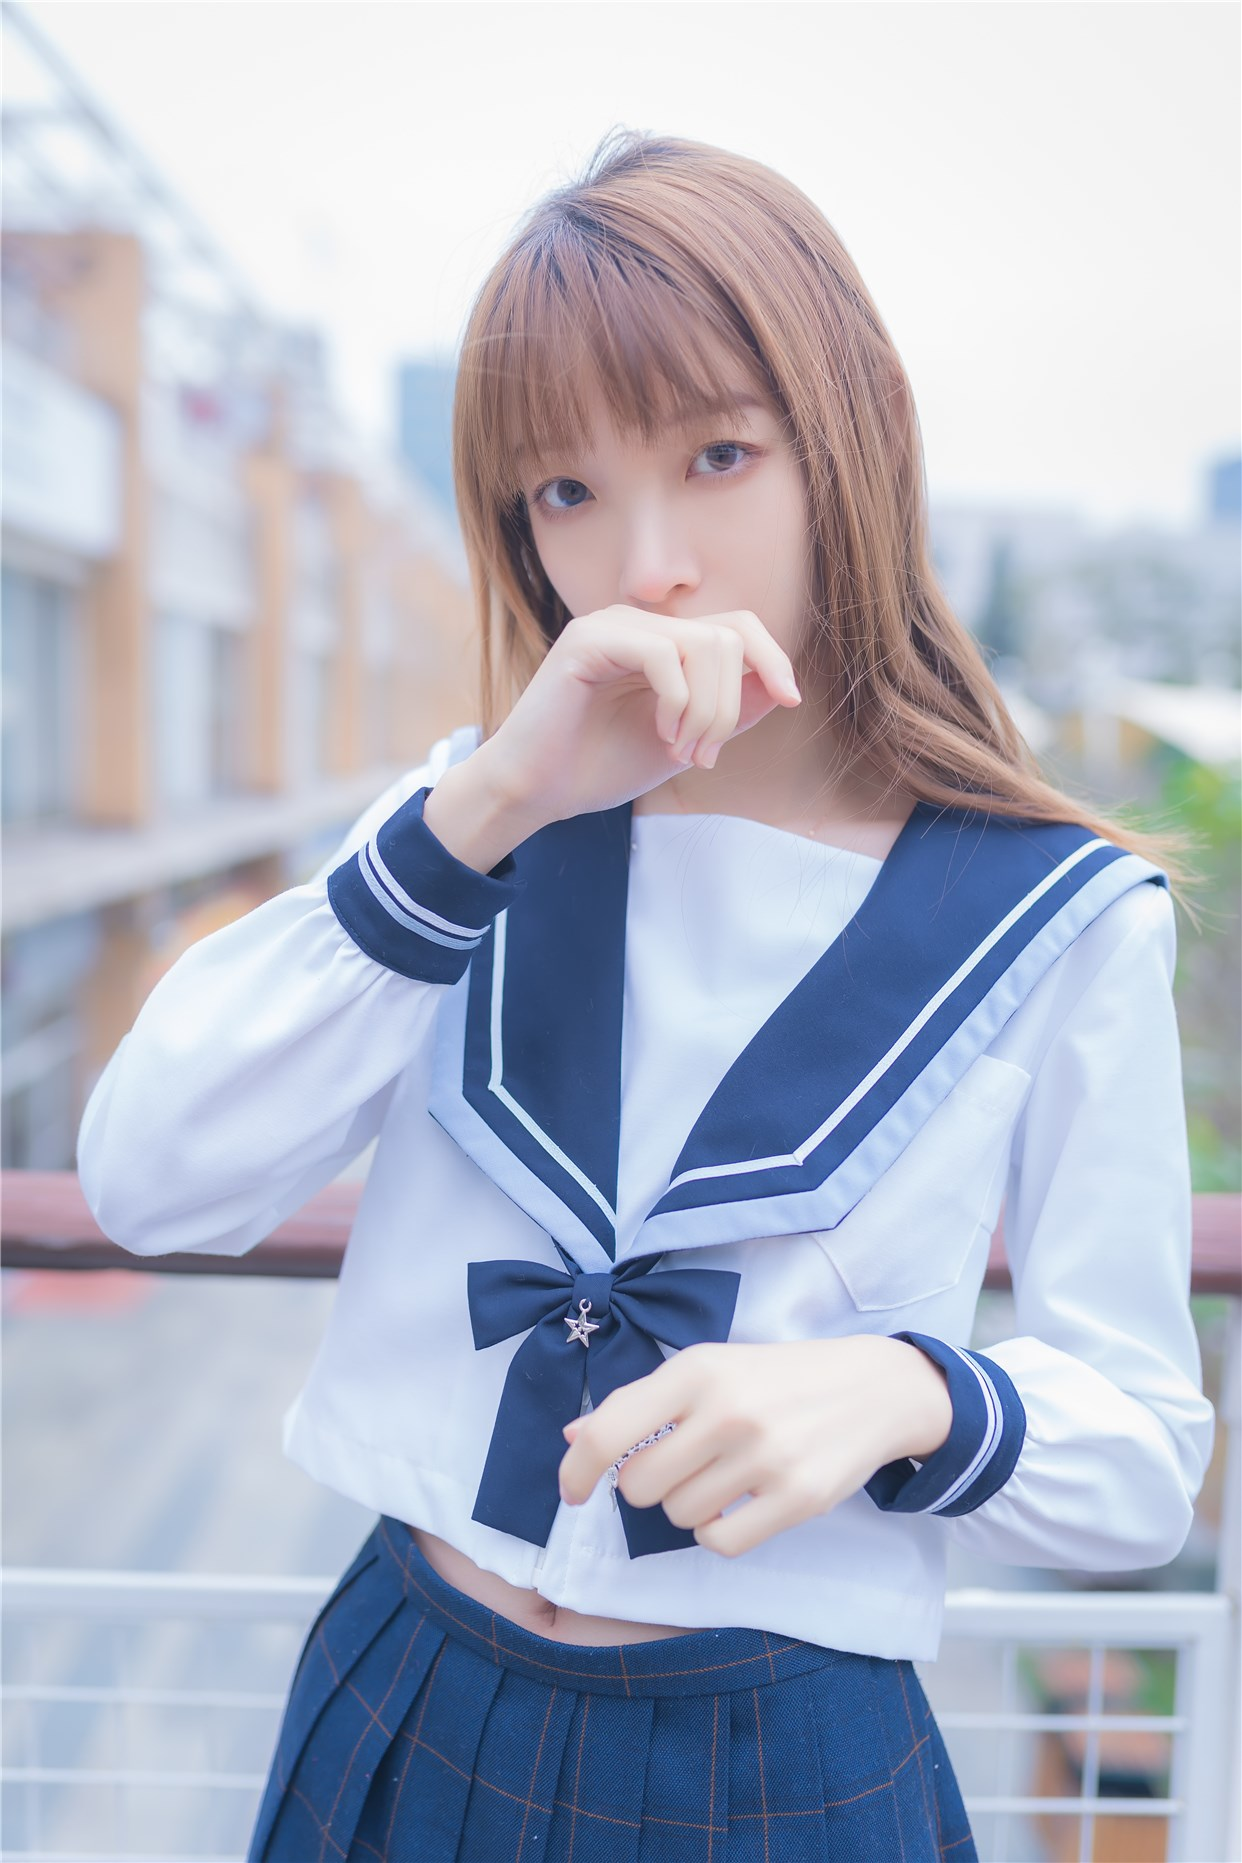 【兔玩映画】小清新JK少女 兔玩映画 第21张